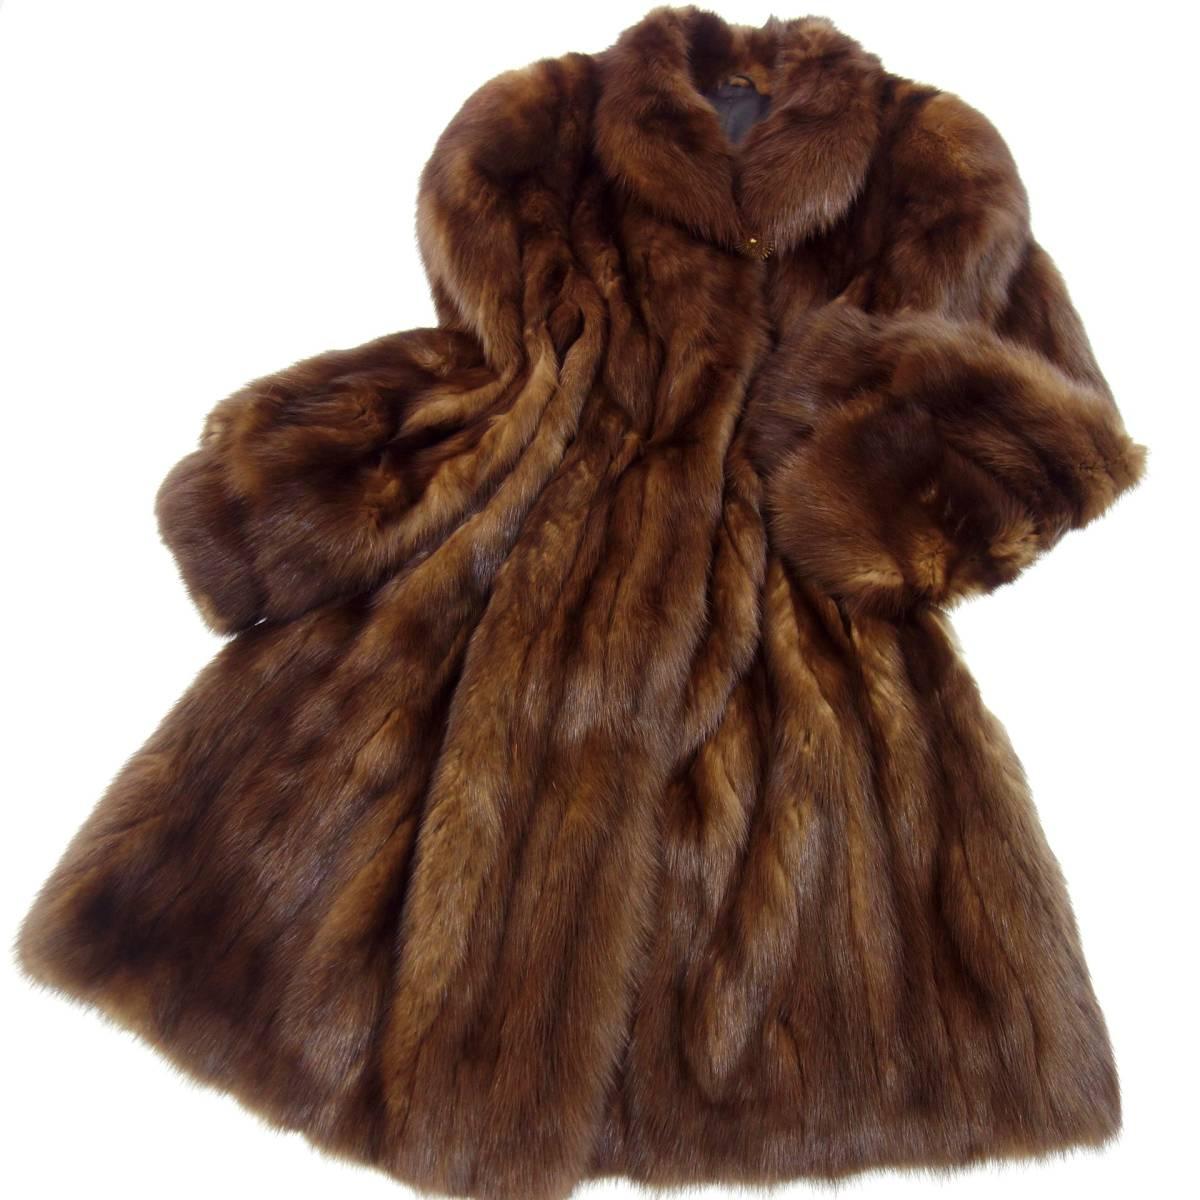 極美品◆SOBOL ソボル  ロシアンセーブル デザインロングコートを店頭買取にて東京都高価買のお客様より高価買取いたしました。